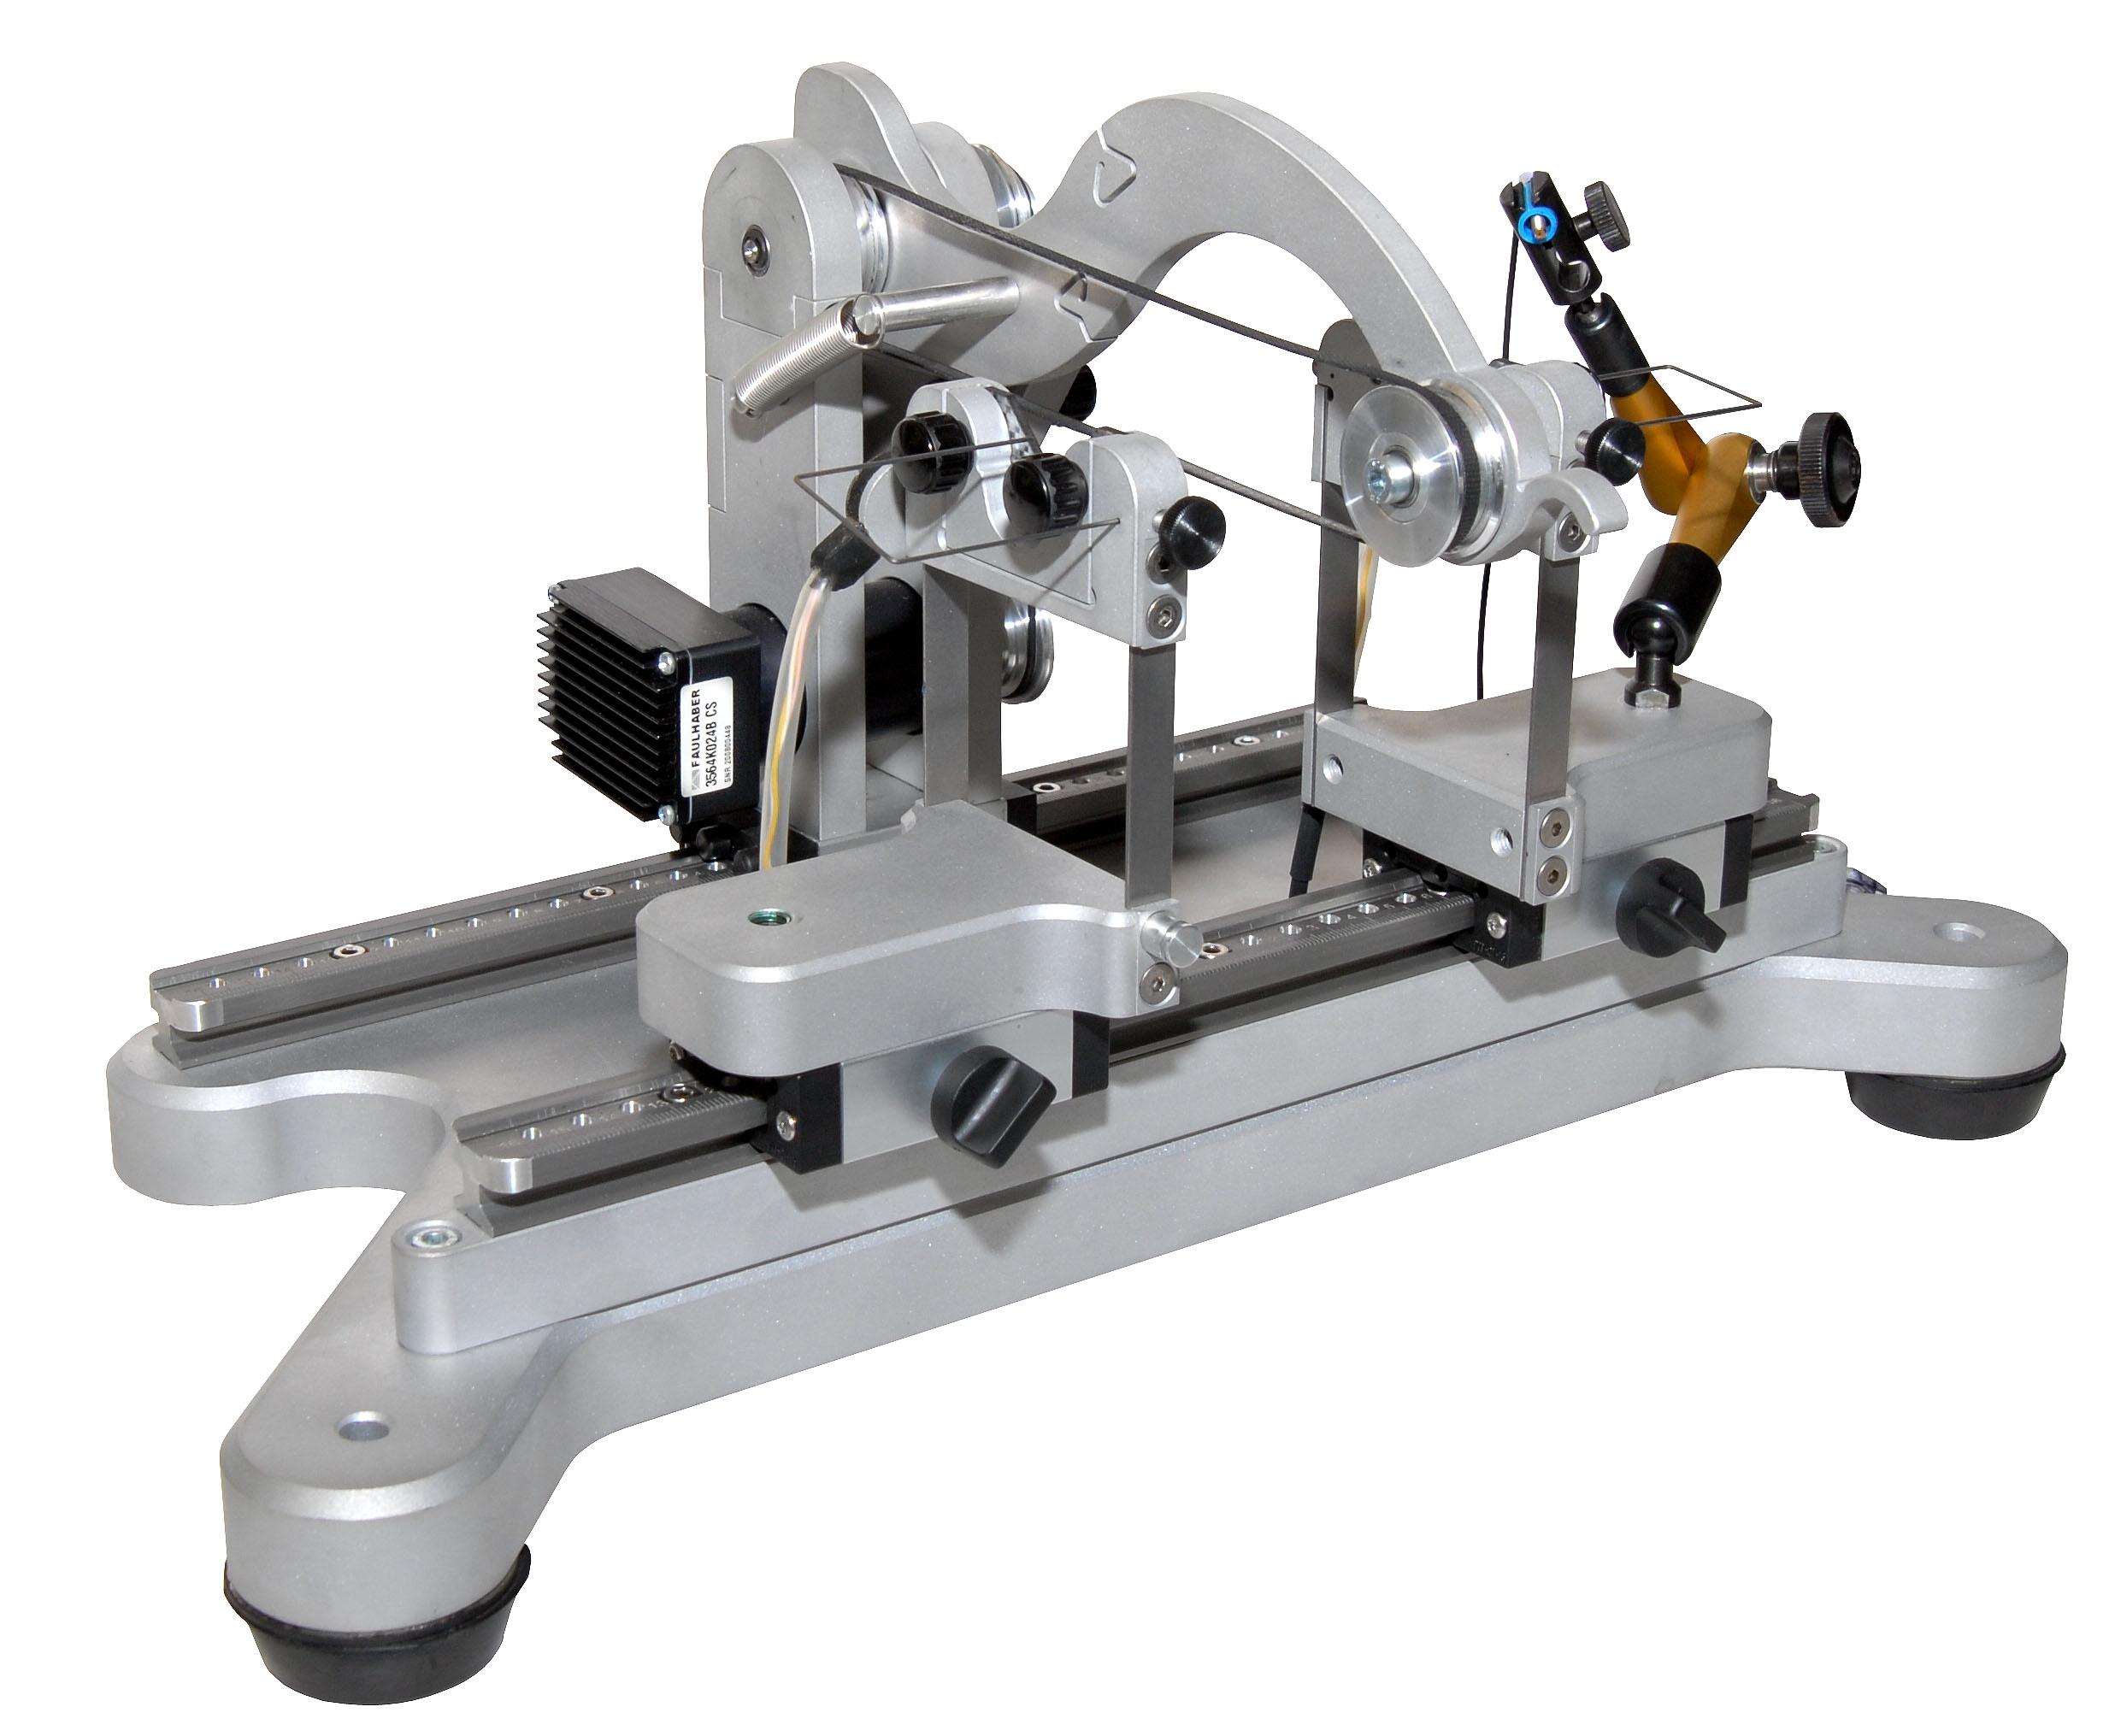 Für fast alle kleinen Messobjekte einzurichten: Horizontalauswuchtmaschine HM5. Bild: Micro Präzision Marx